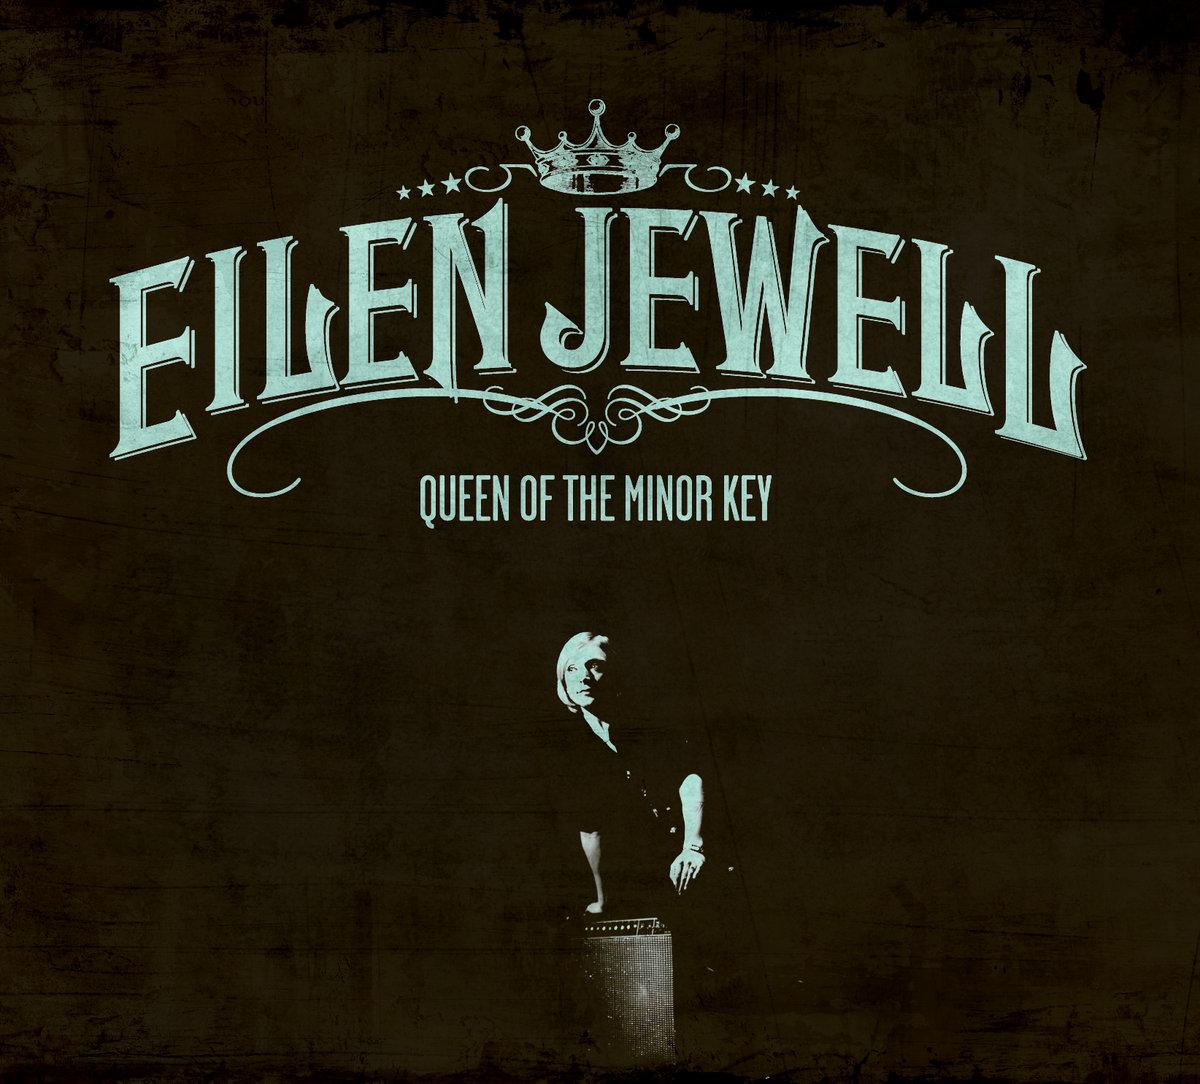 eilen jewell queen of the minor key